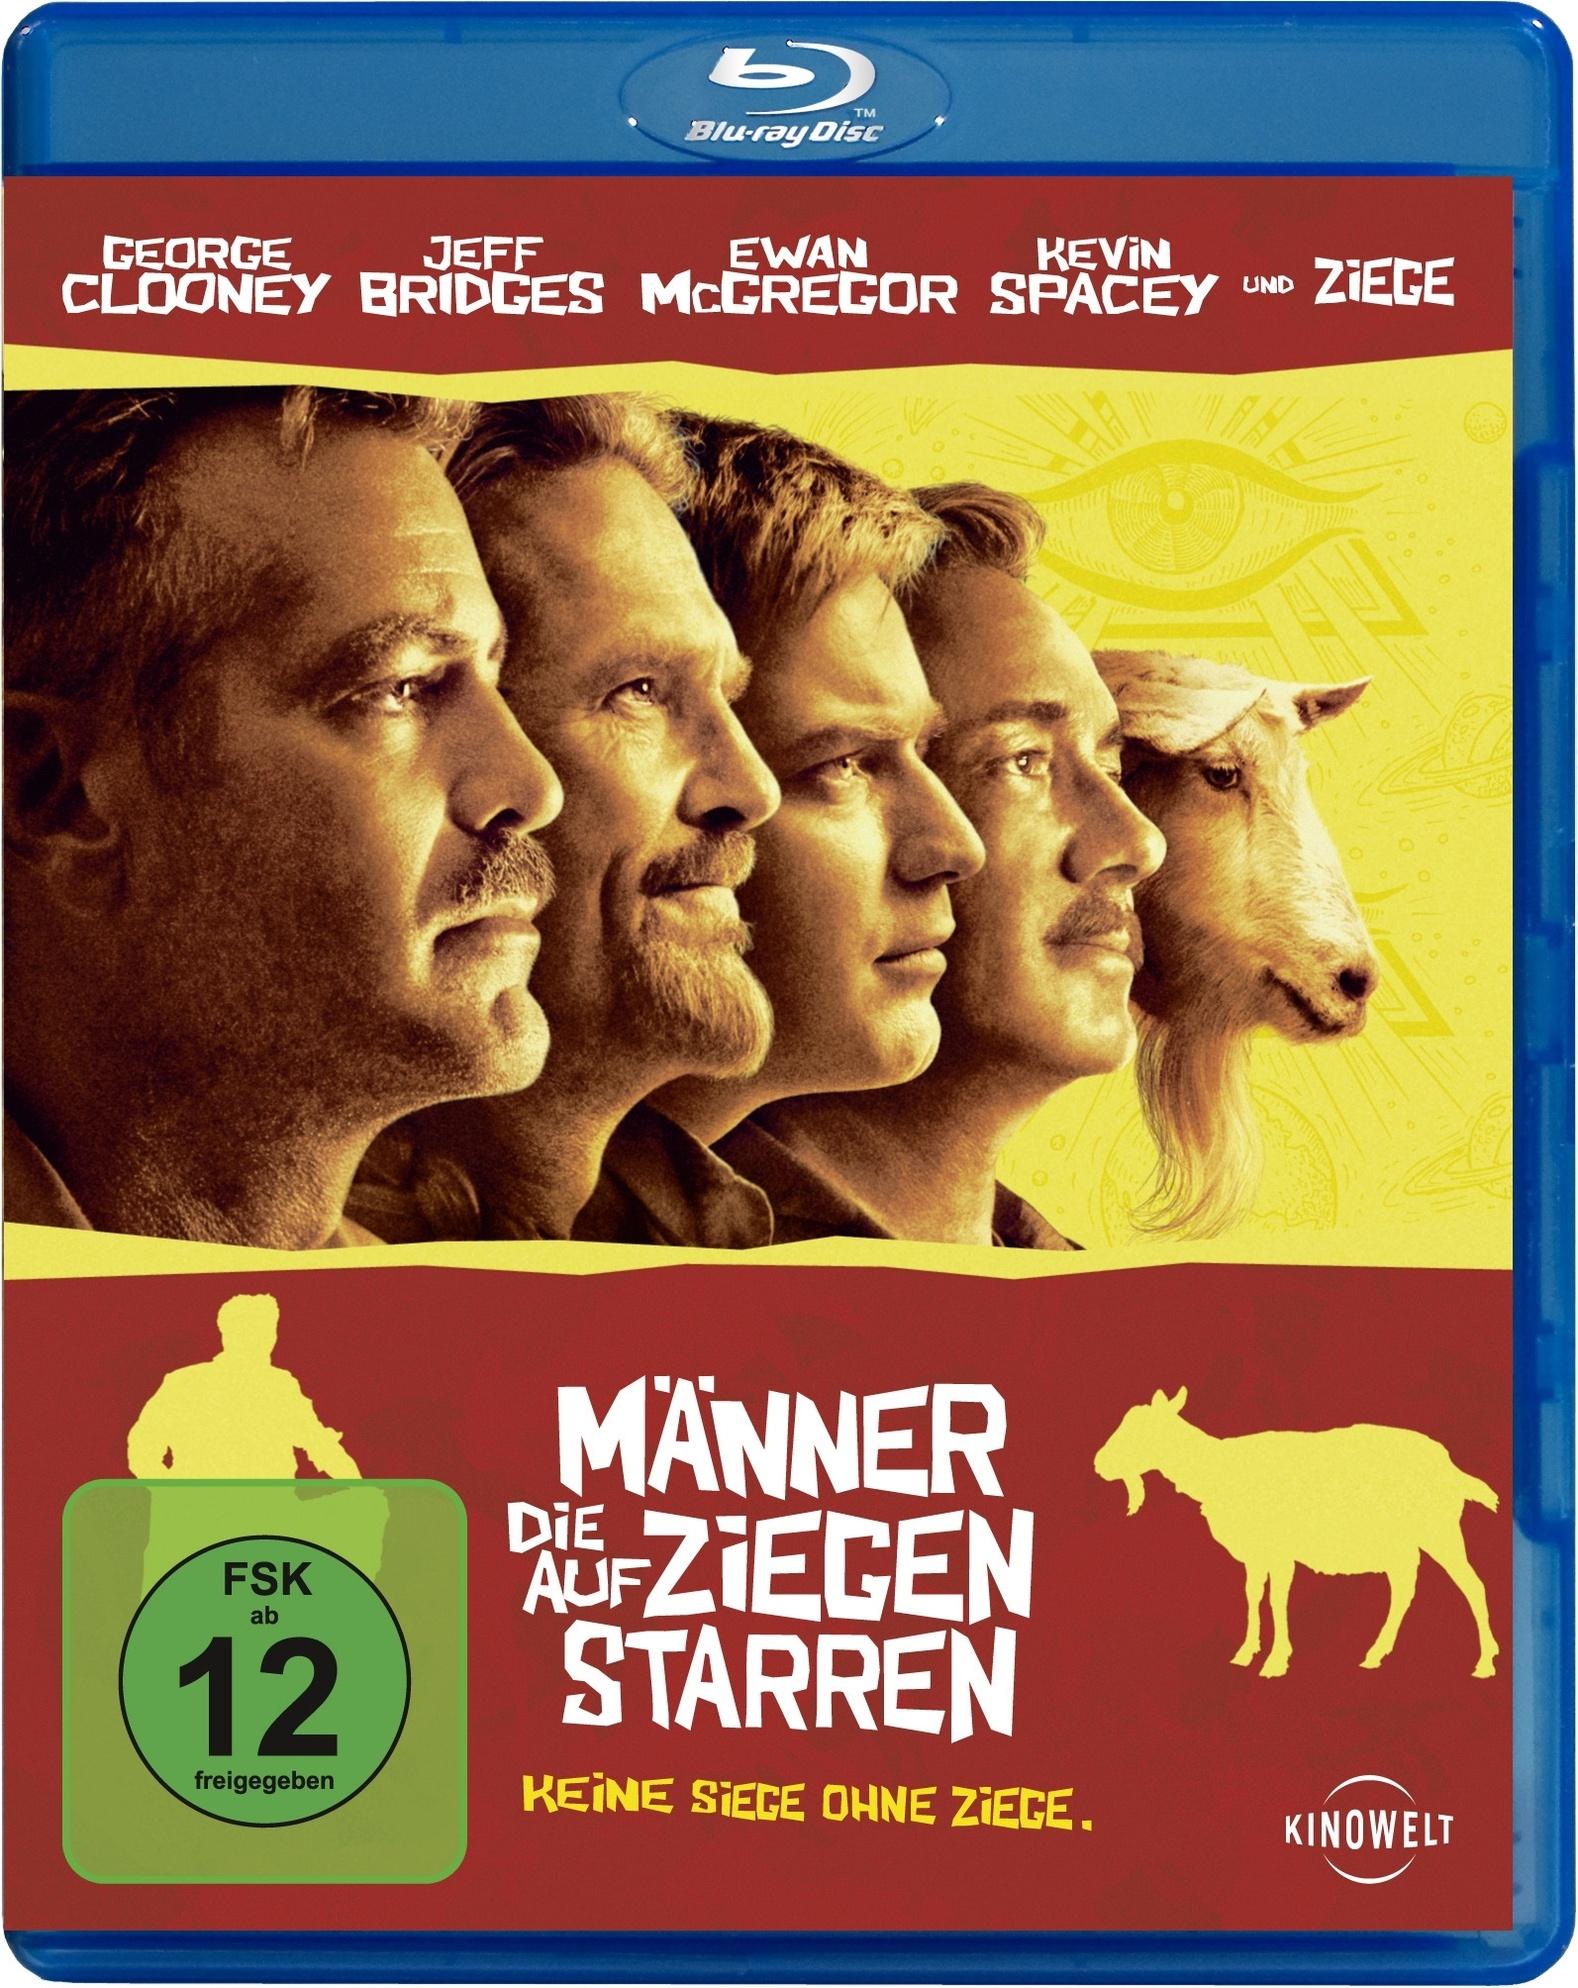 maenner-die-auf-ziegen-starren-072249442.jpg